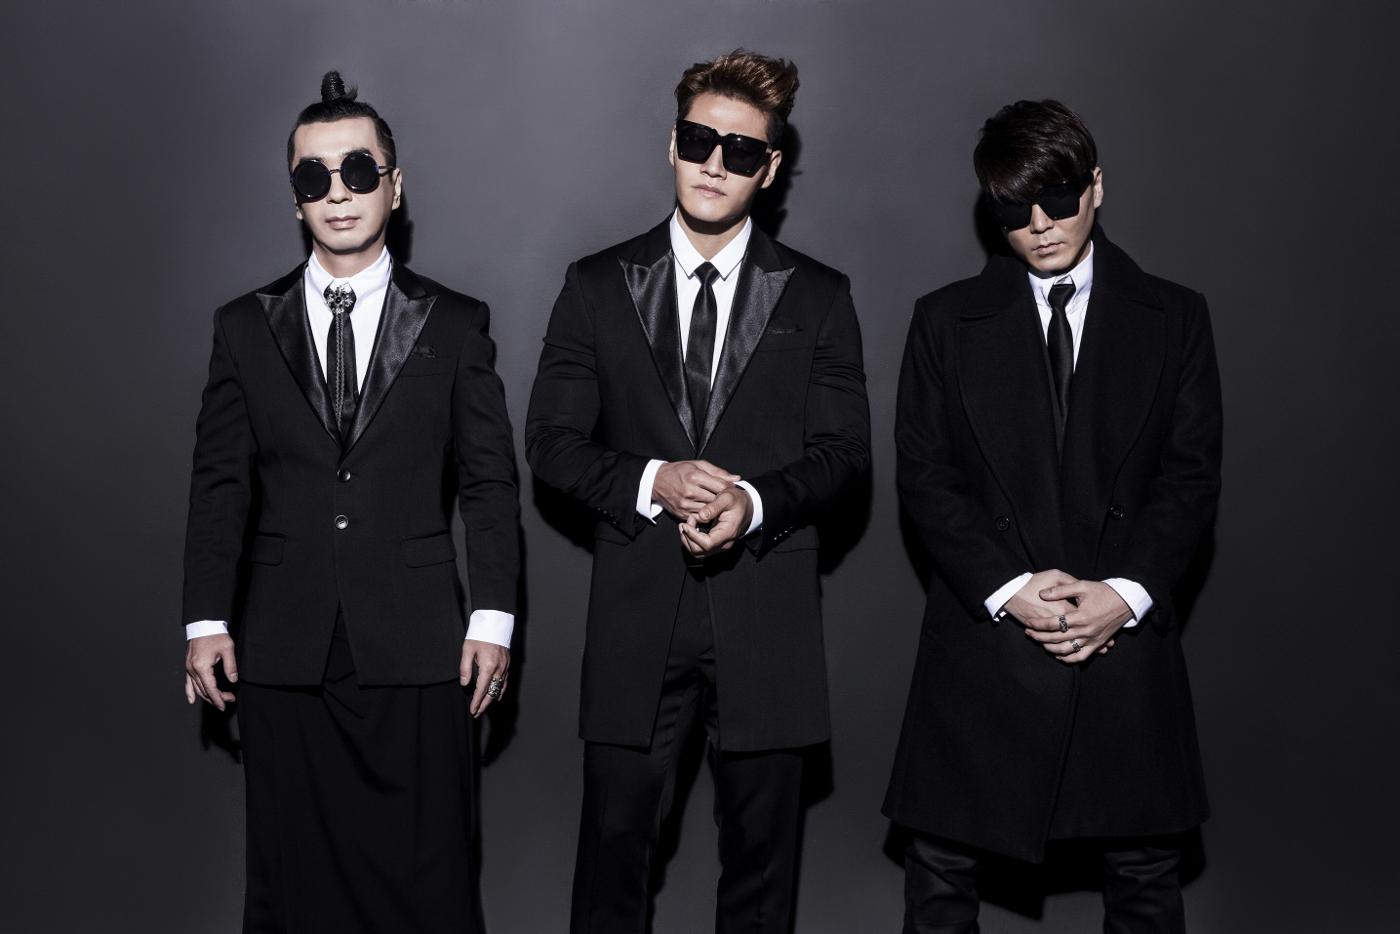 Kim Jung Nam de Turbo expresa su pesar por la disolución inicial del grupo